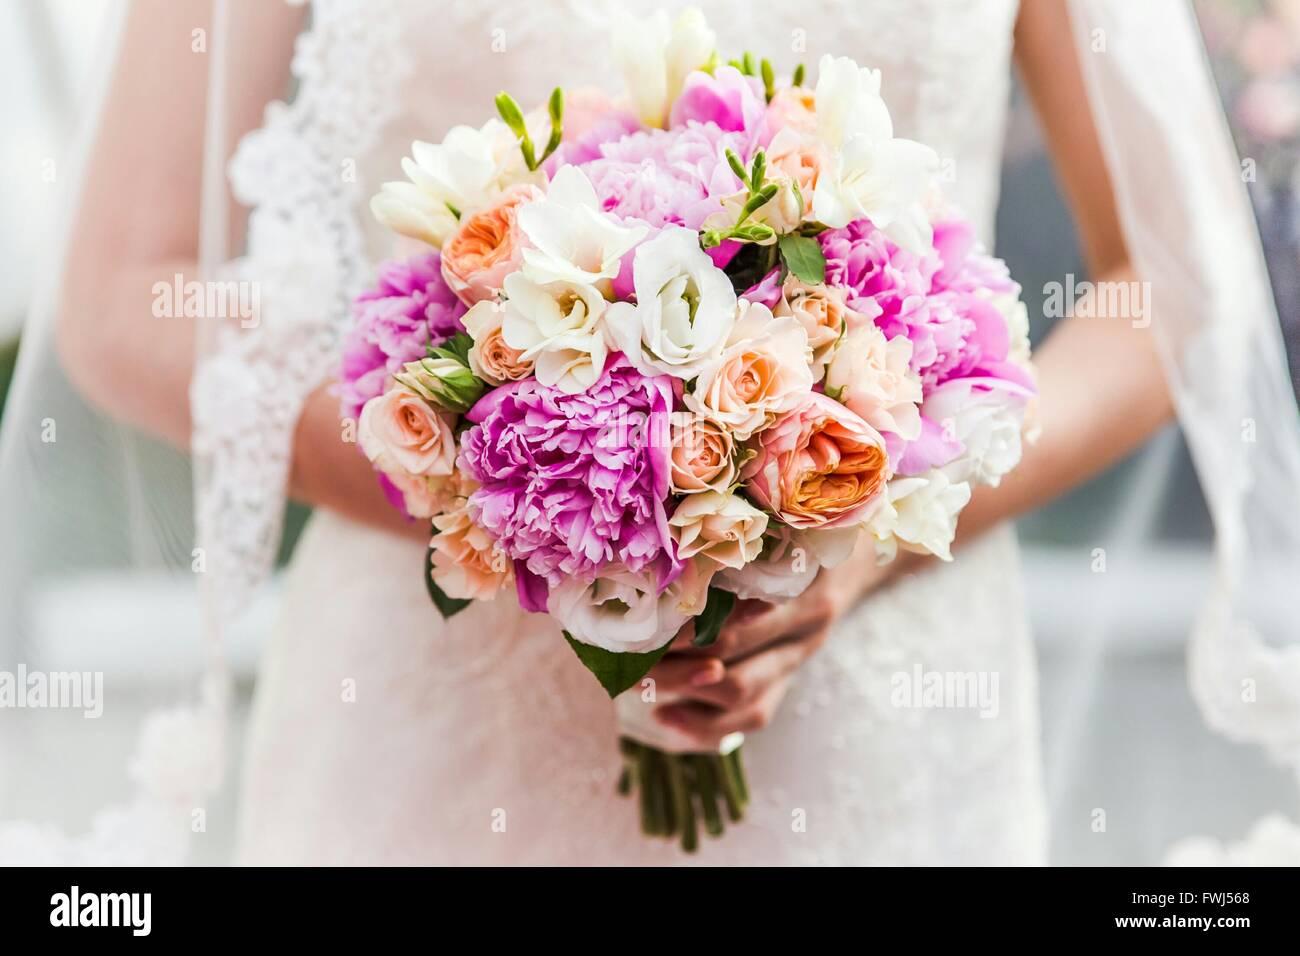 Mittelteil der Braut hält Blumenstrauss Stockbild